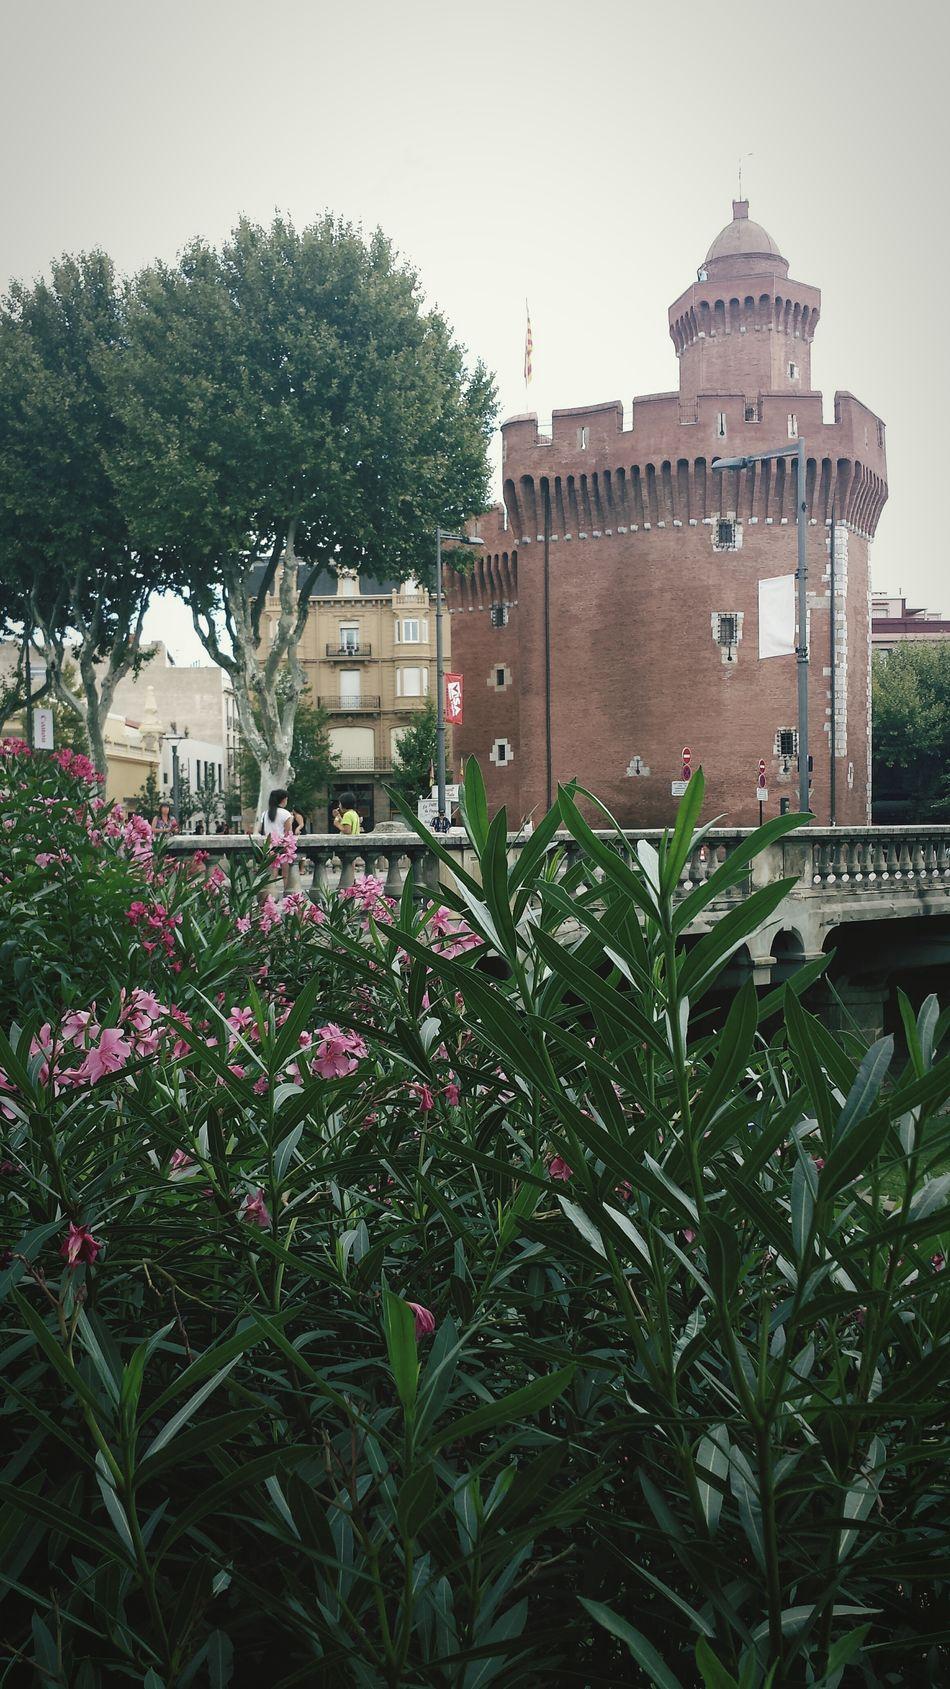 Perpignan South France Tower Le Castillet